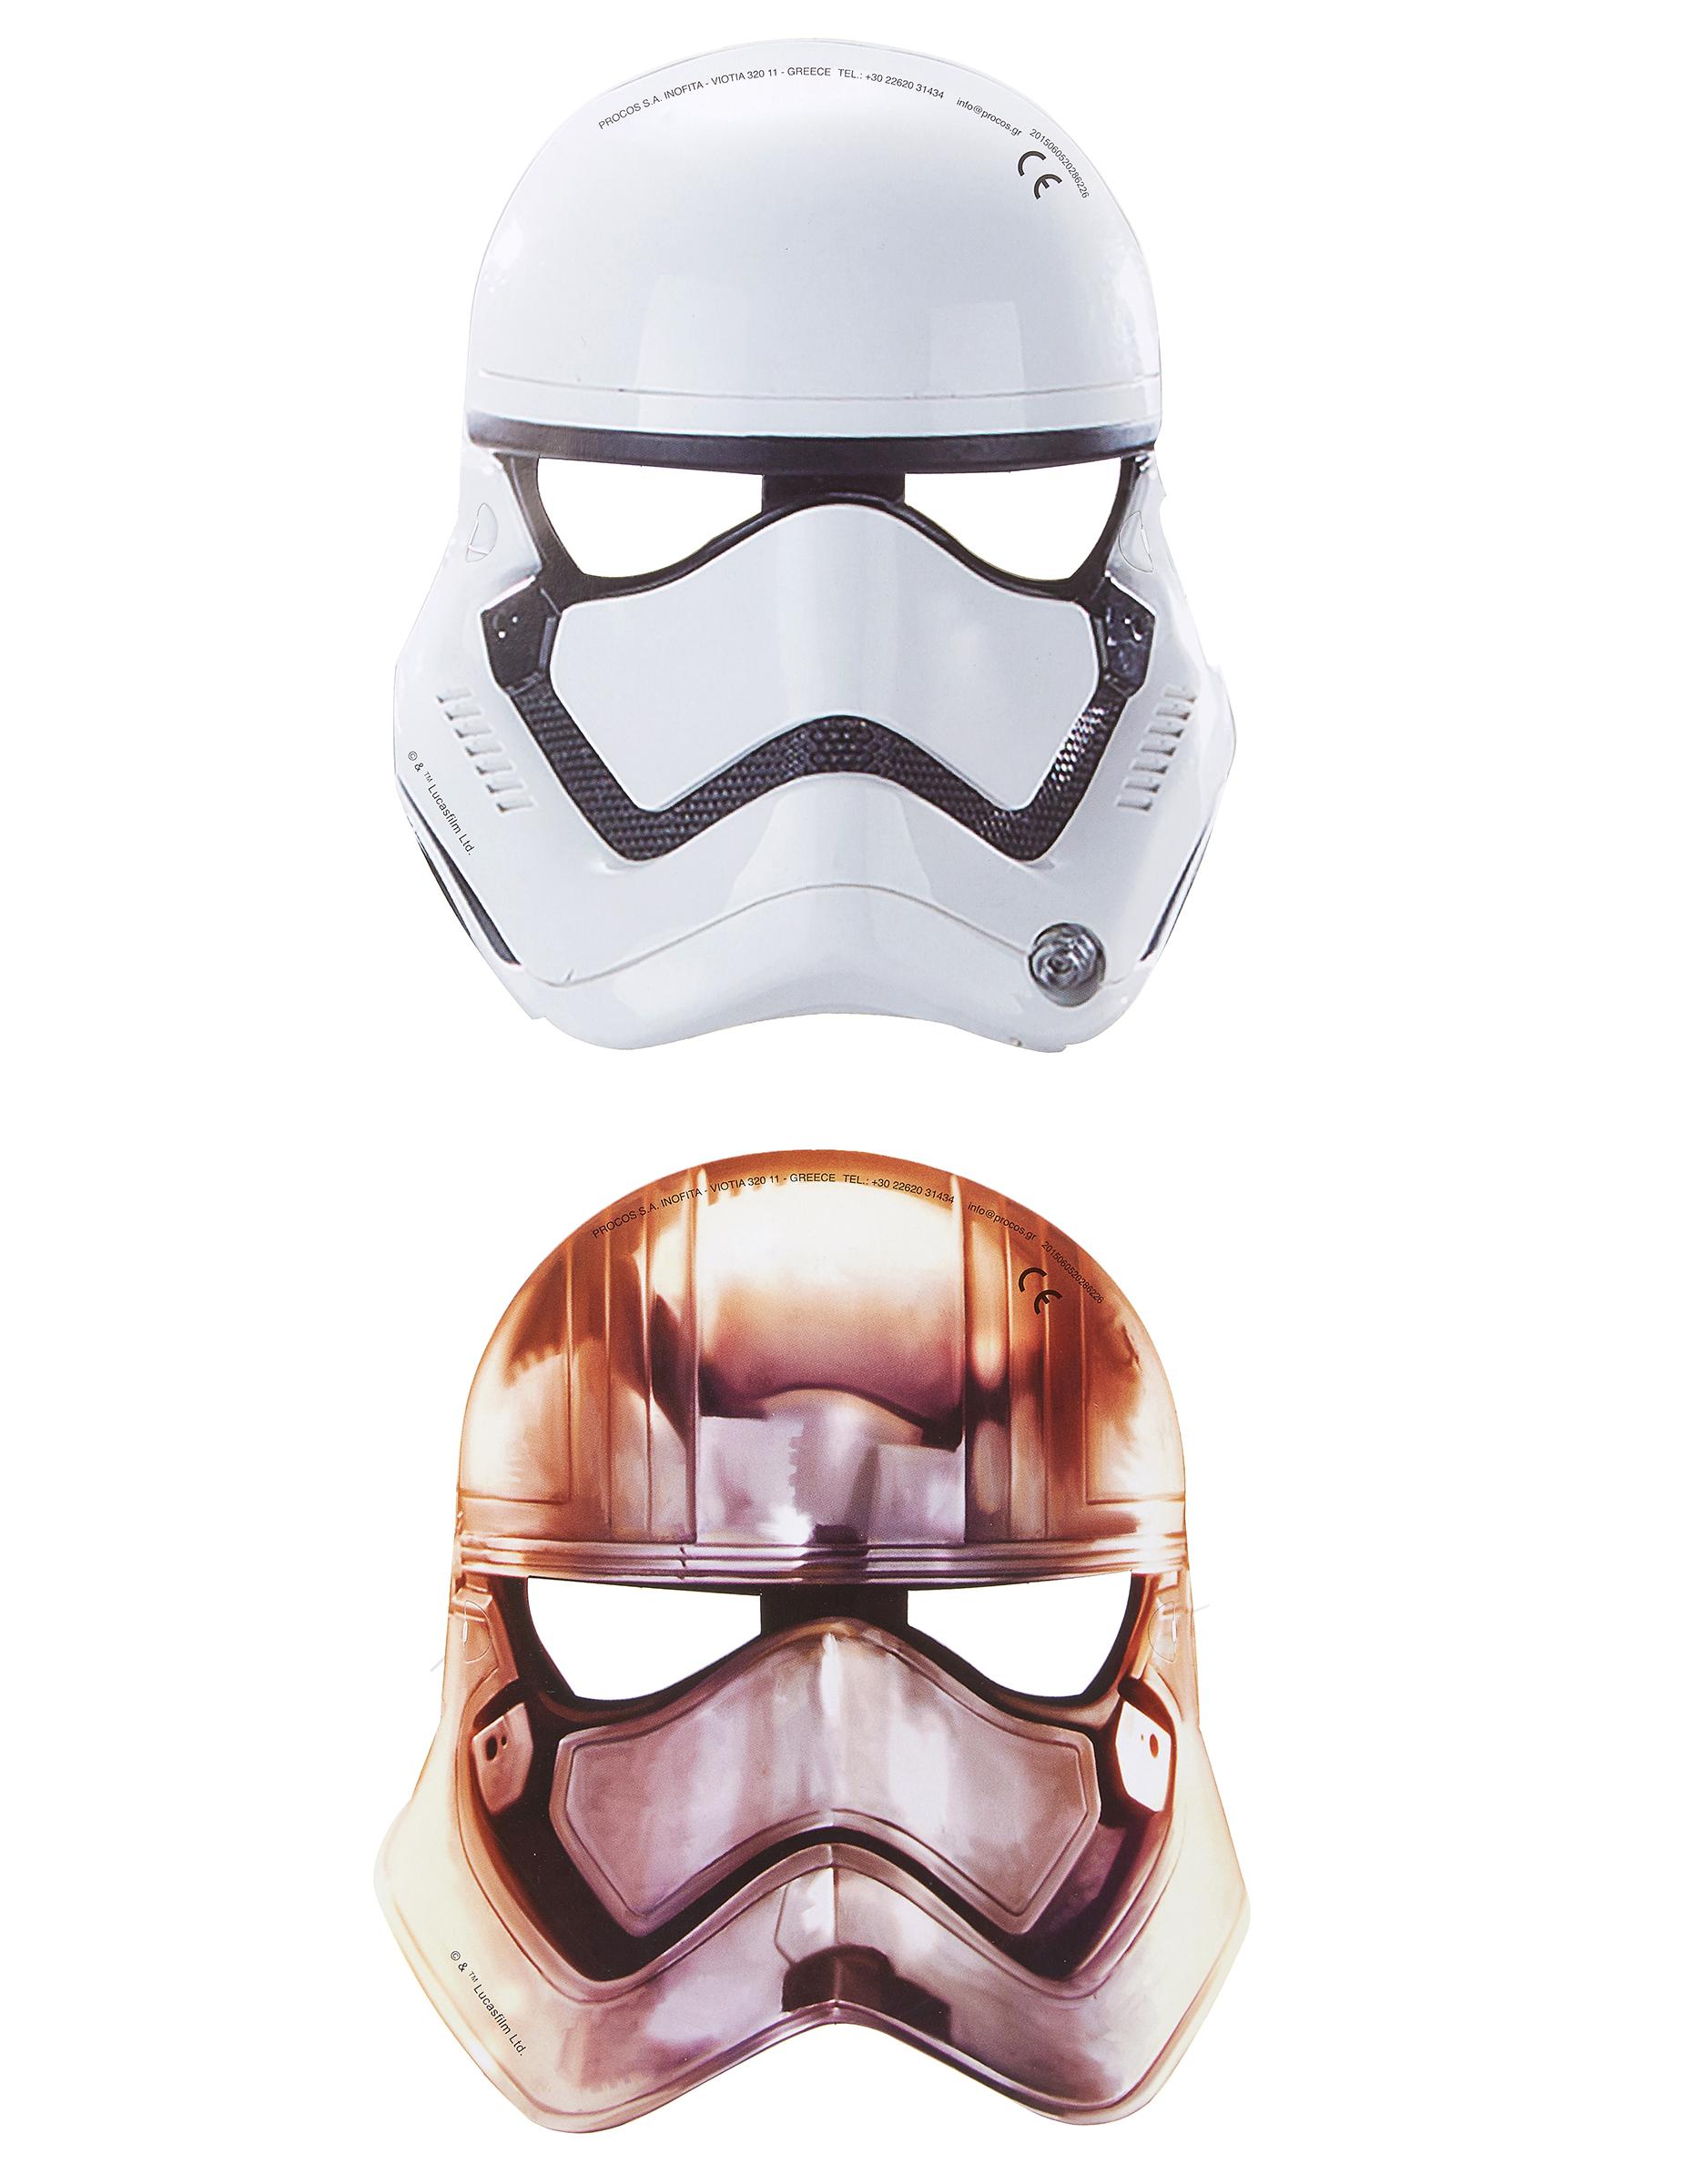 Venta de máscaras oficiales y caretas de famosos en Vegaoo.es